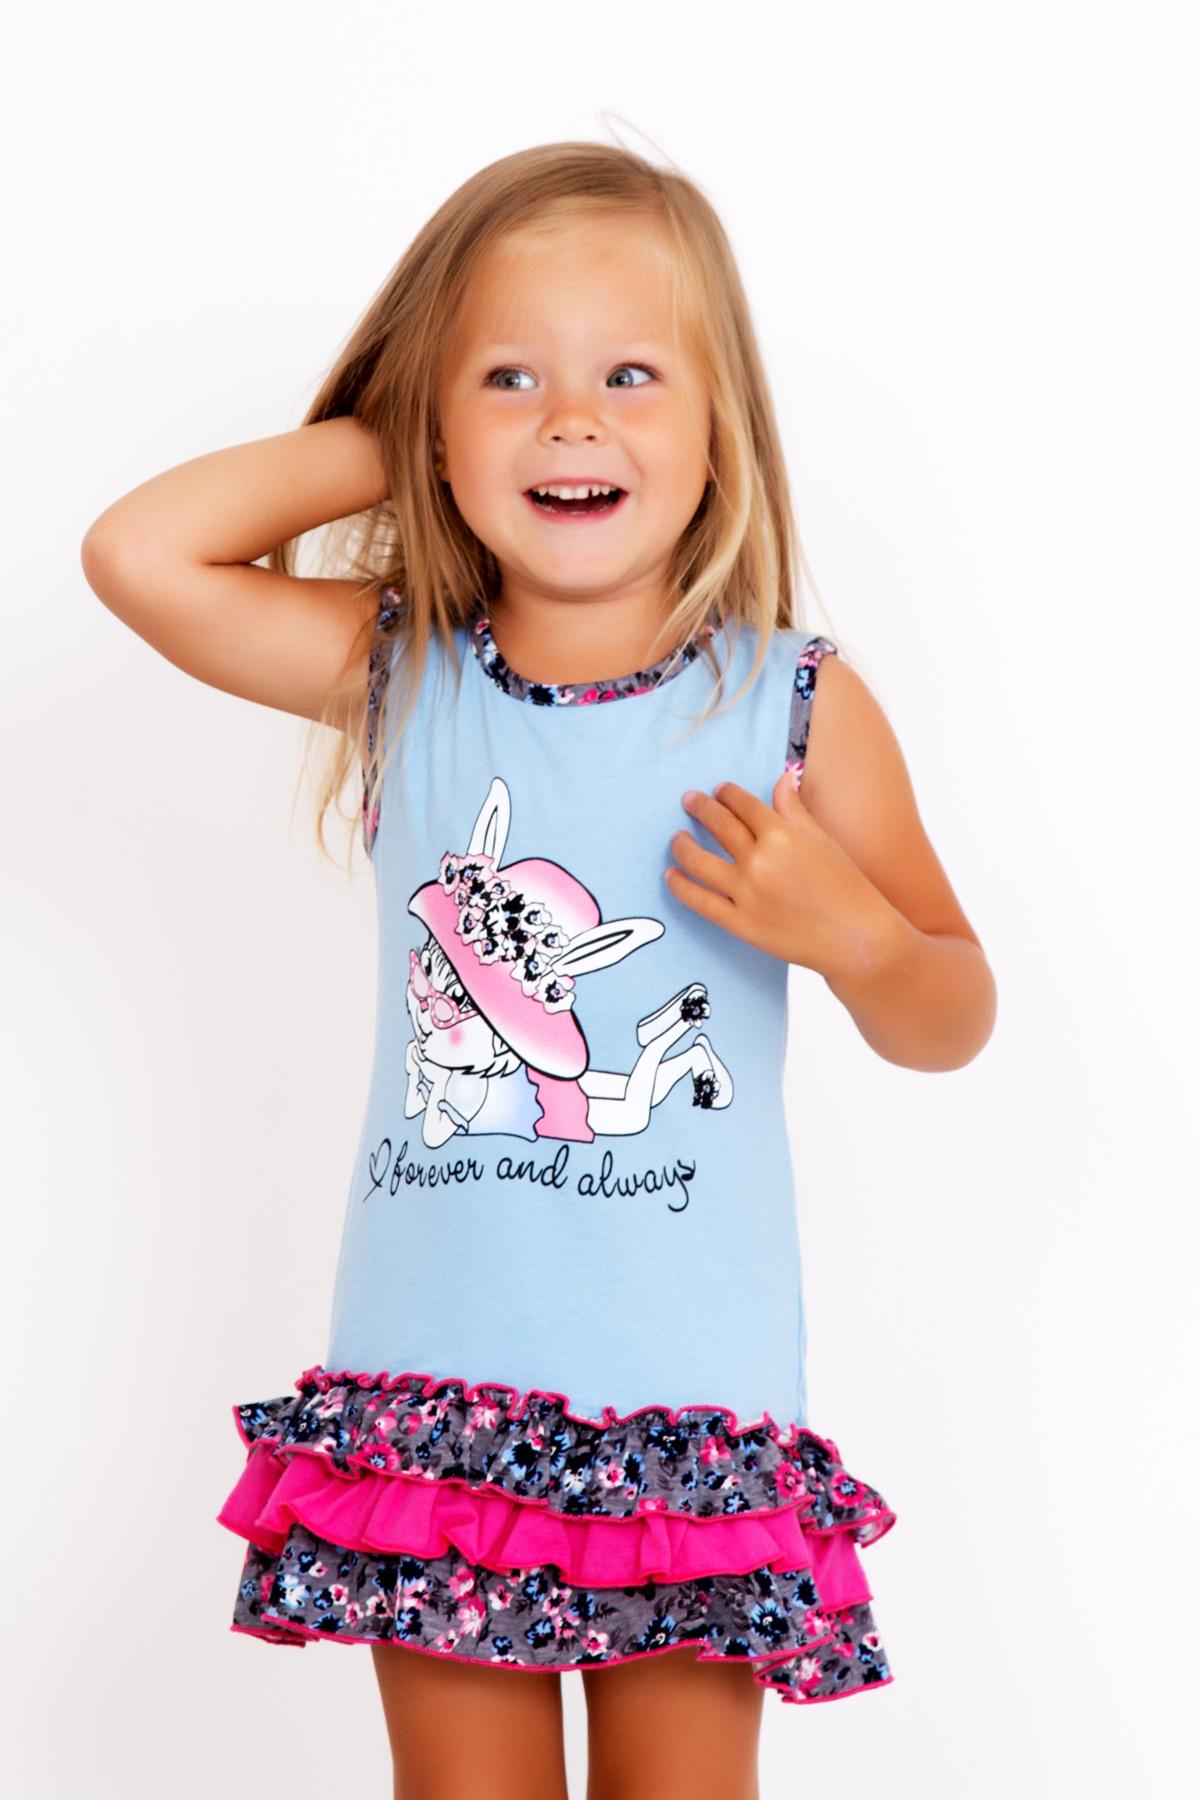 Дет. платье Зайка Голубой р. 28Платья и сарафаны<br><br><br>Тип: Дет. платье<br>Размер: 28<br>Материал: Фулайкра